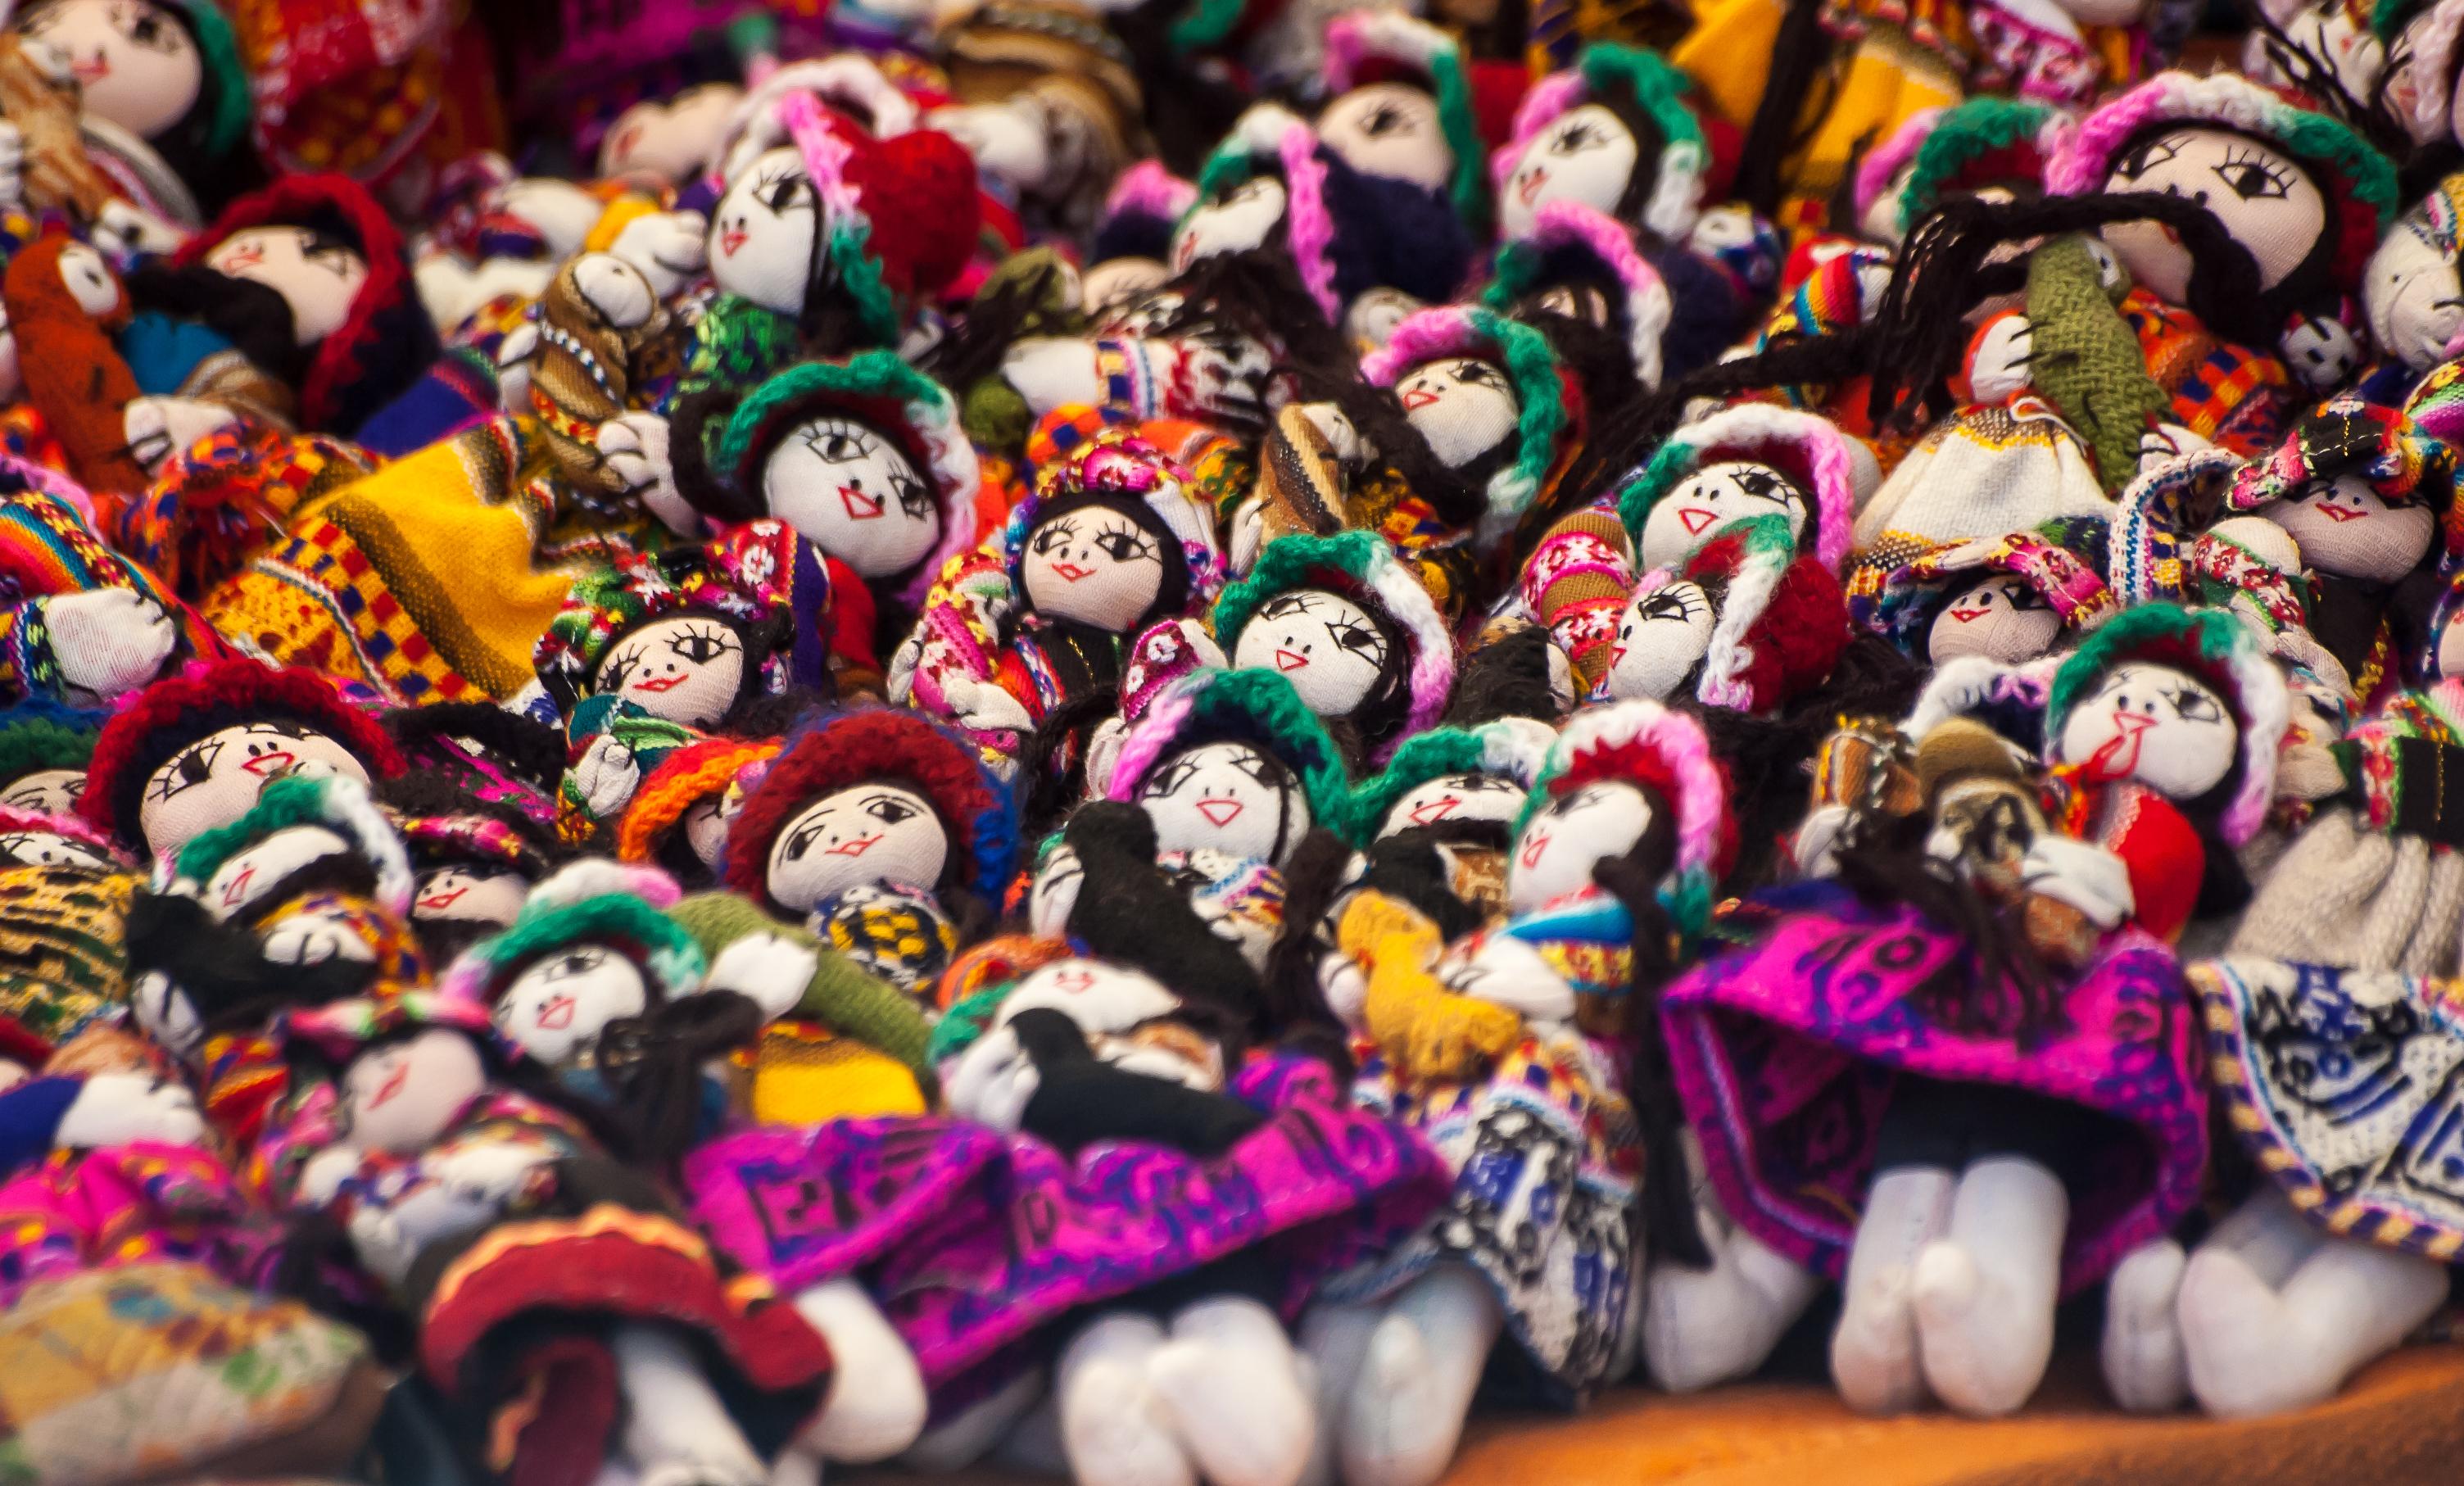 Muñecas tradicionales peruanas